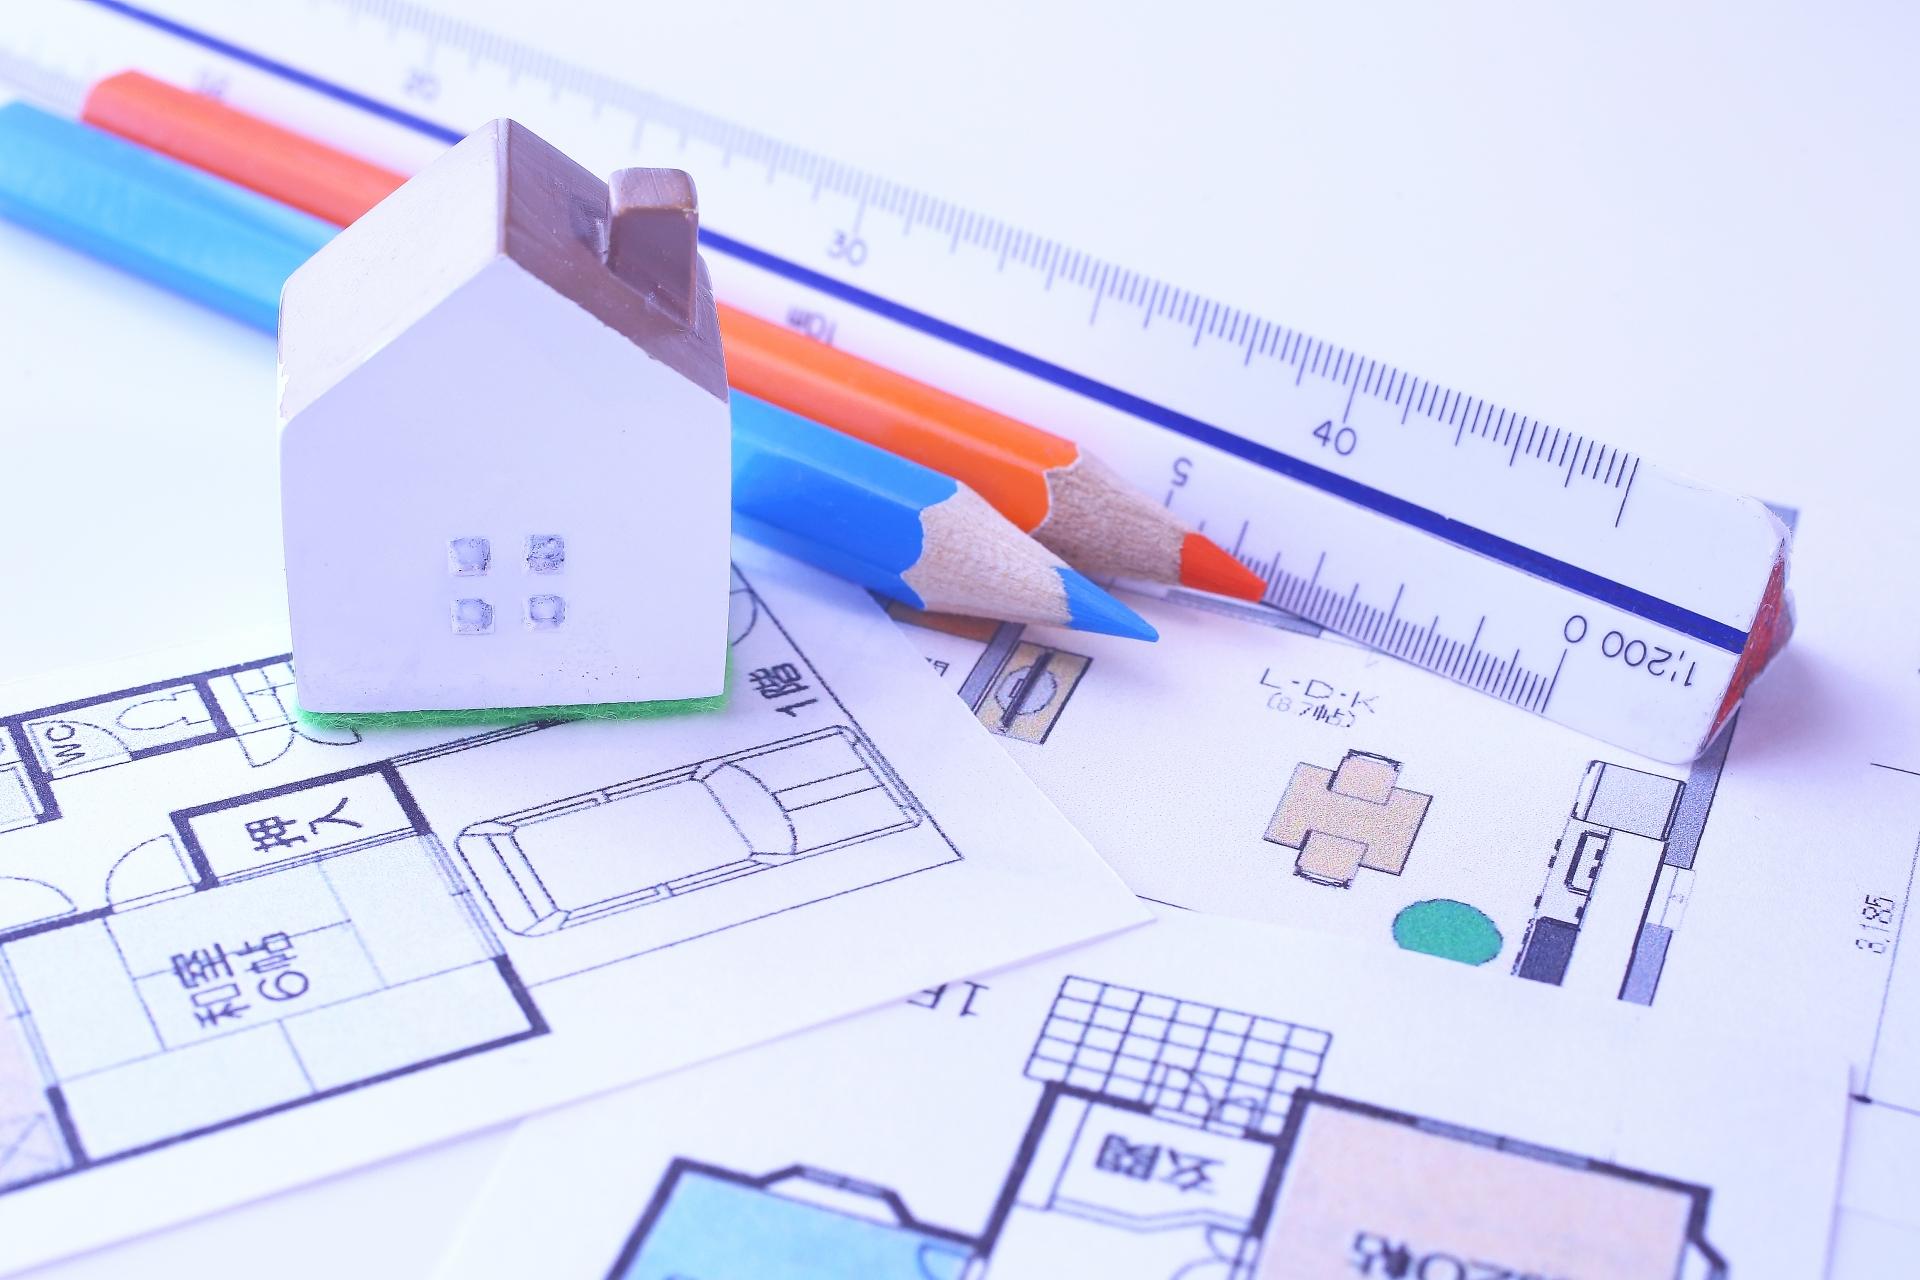 [徹底ガイド]正しい外壁塗装面積の計算をして適正価格か判断する!